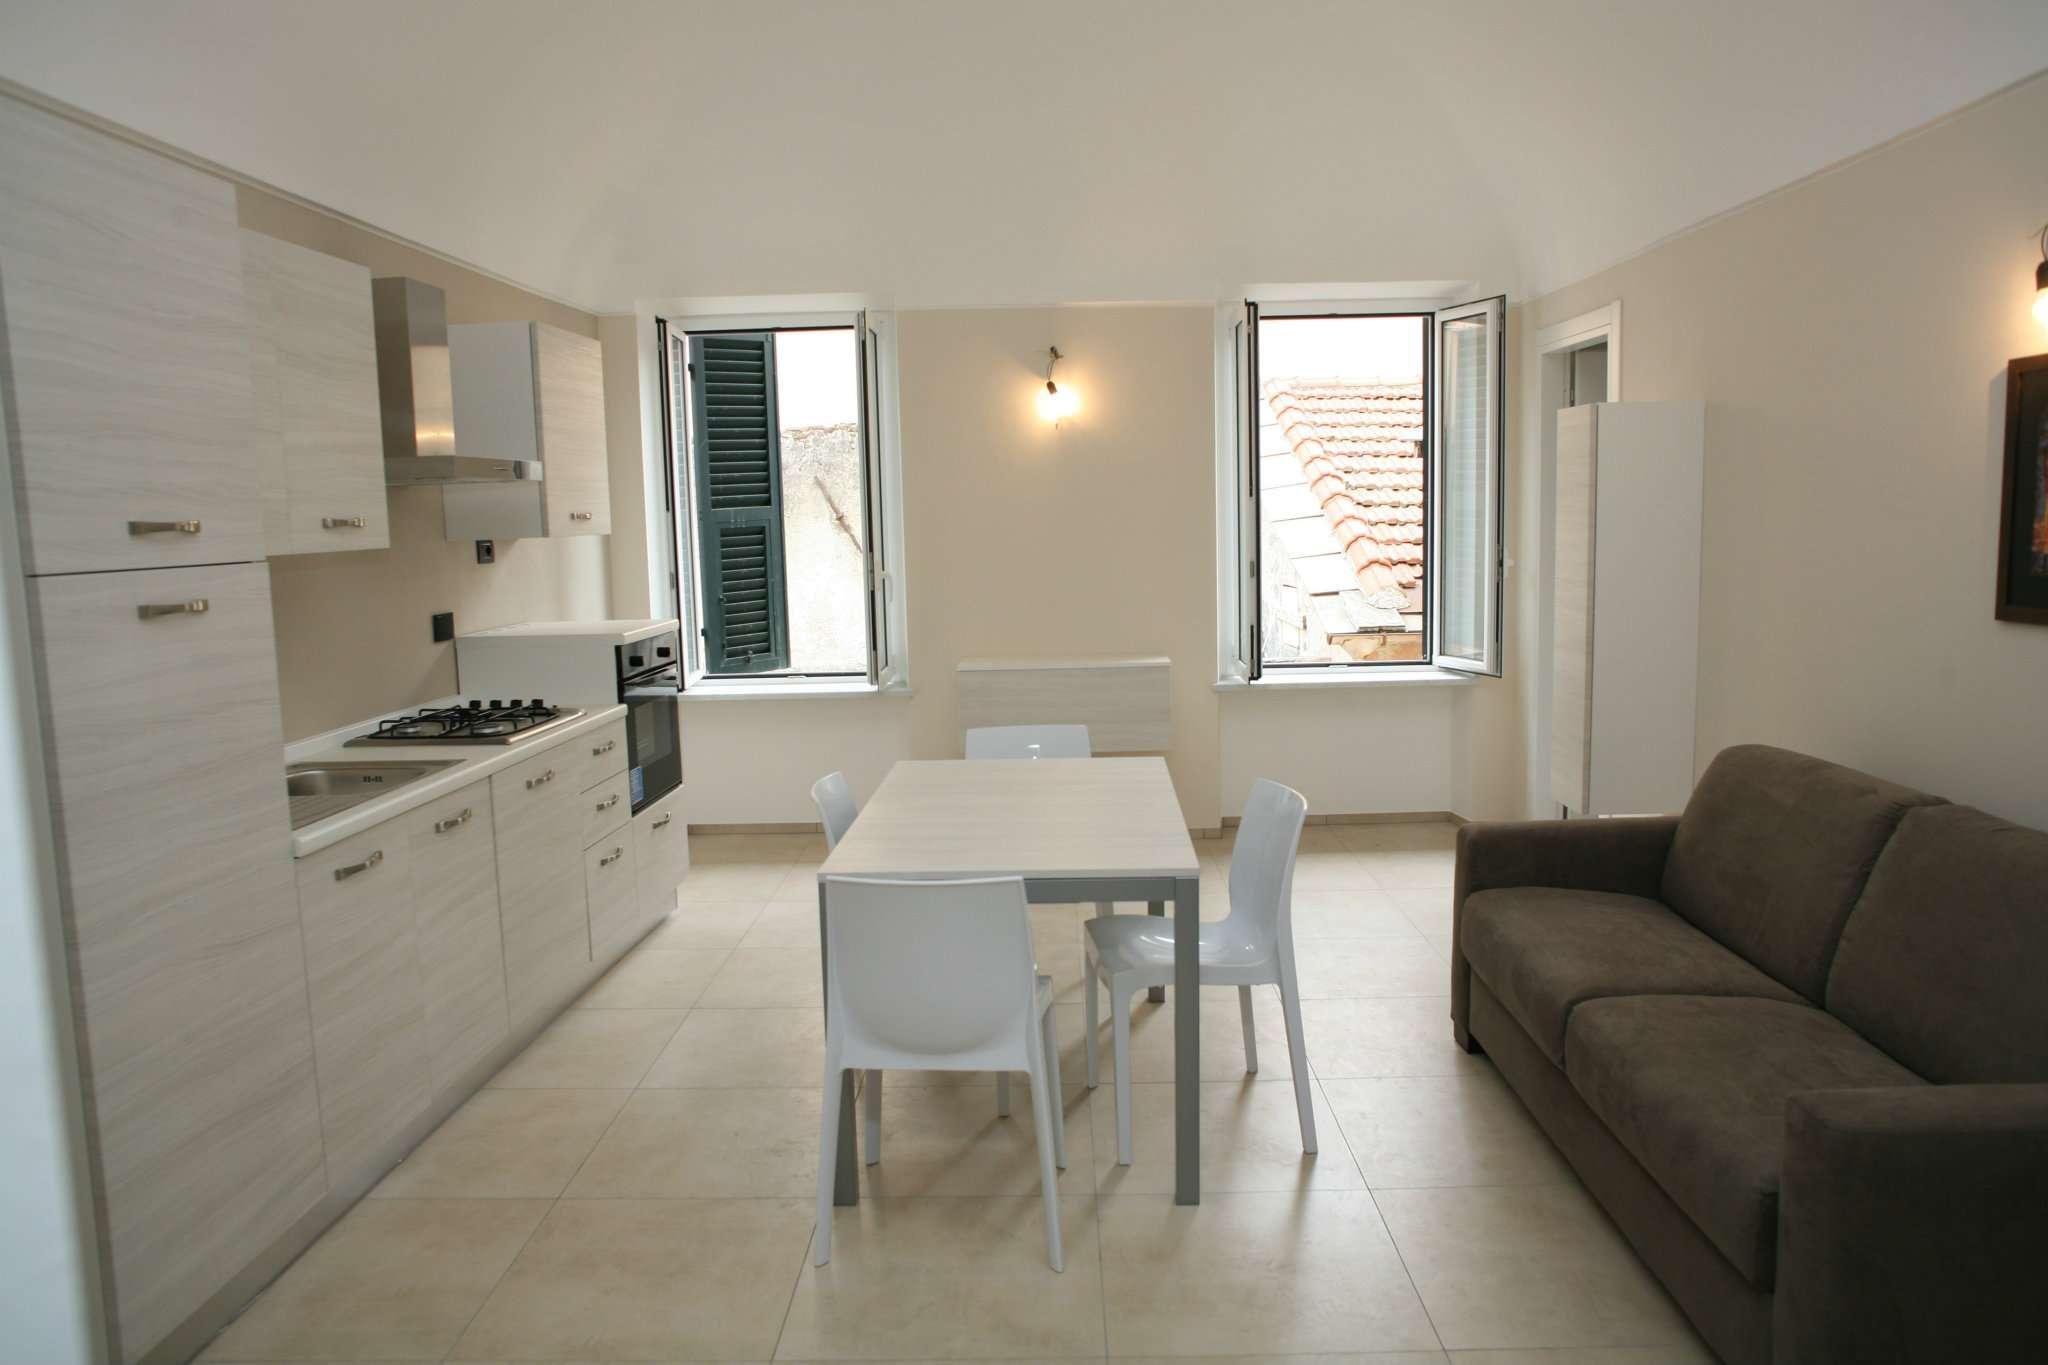 Appartamento in vendita a Ceriale, 2 locali, prezzo € 219.000 | CambioCasa.it